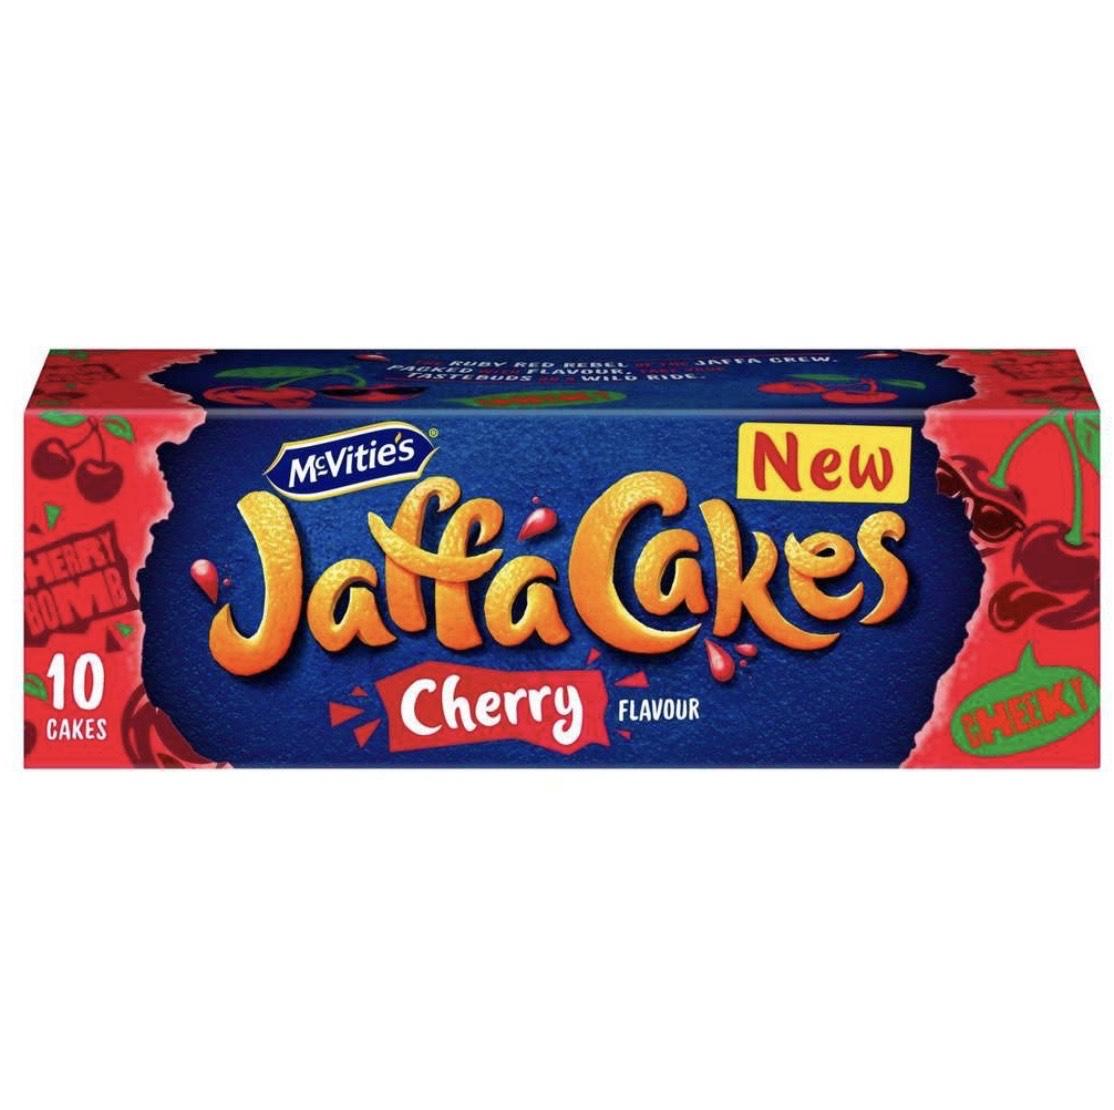 Mcvities Jaffa Cakes Cherry Asda Grantham - 30p